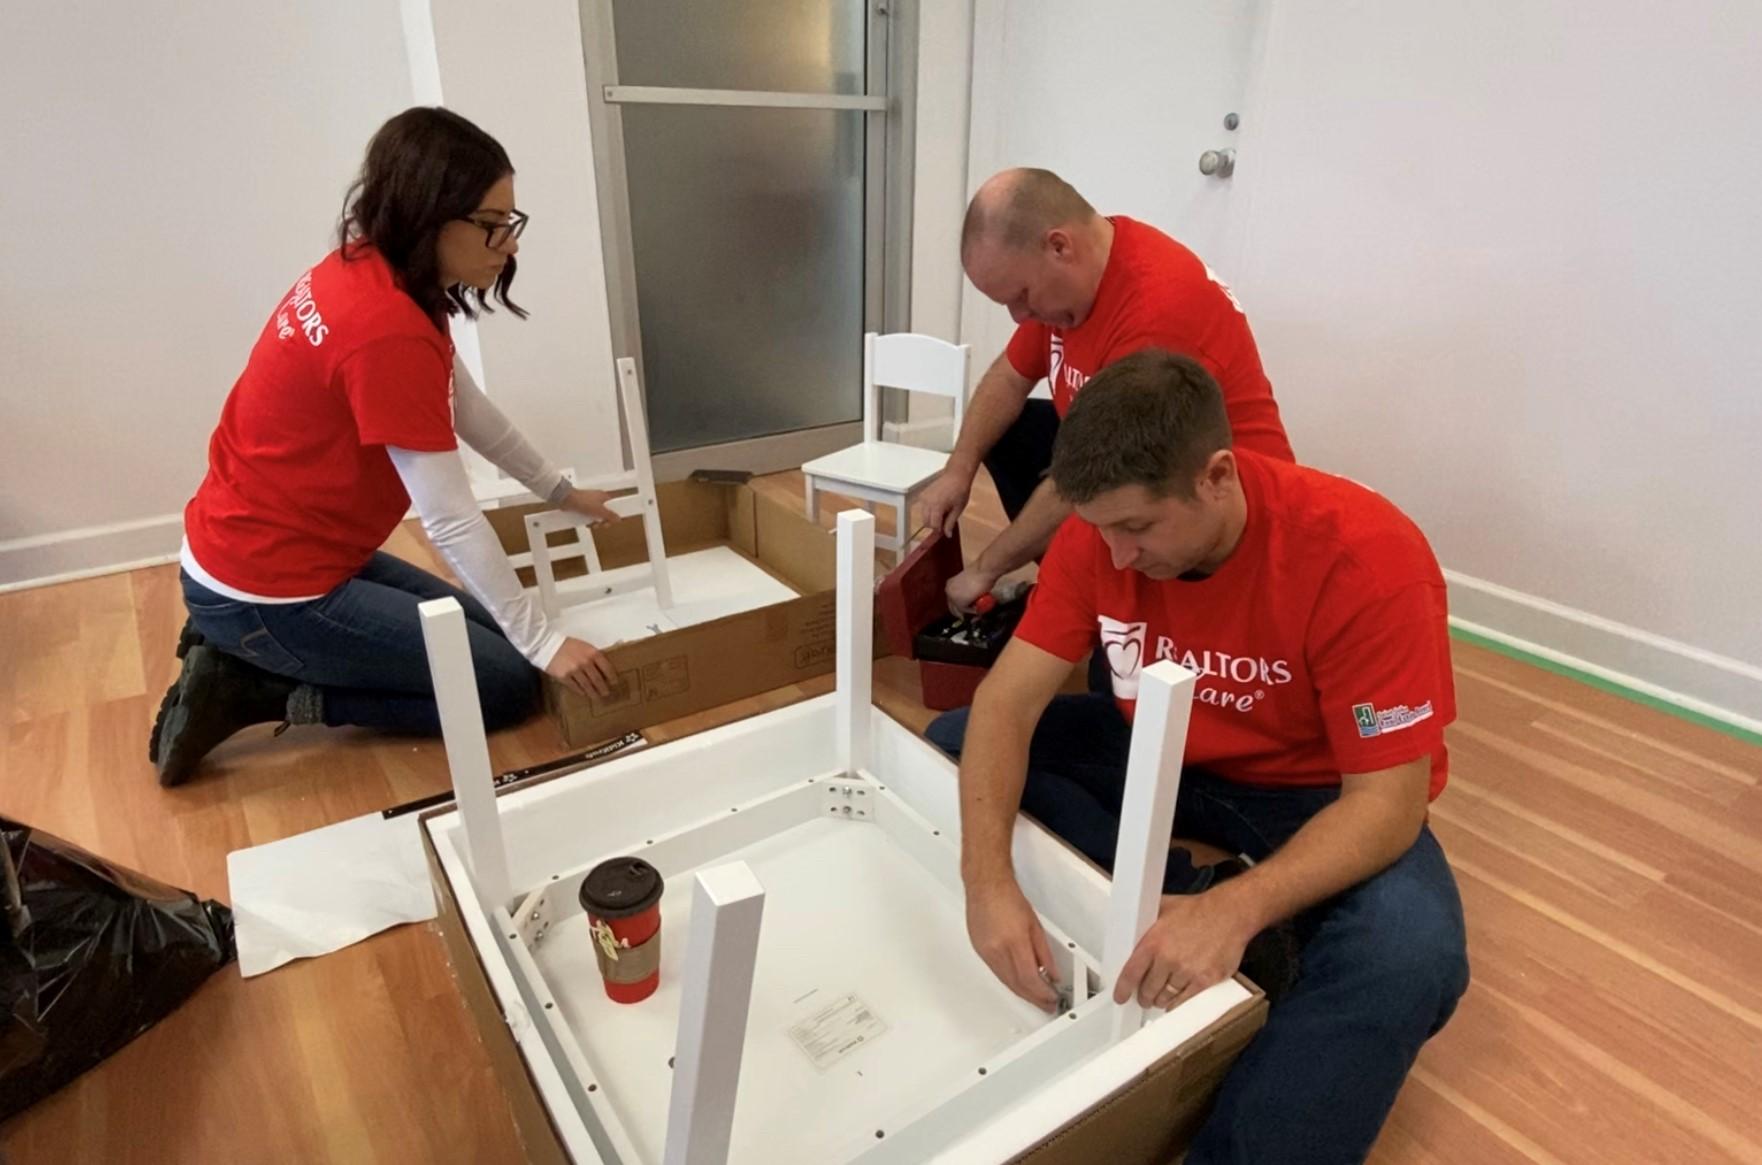 REALTOR members assembling furniture